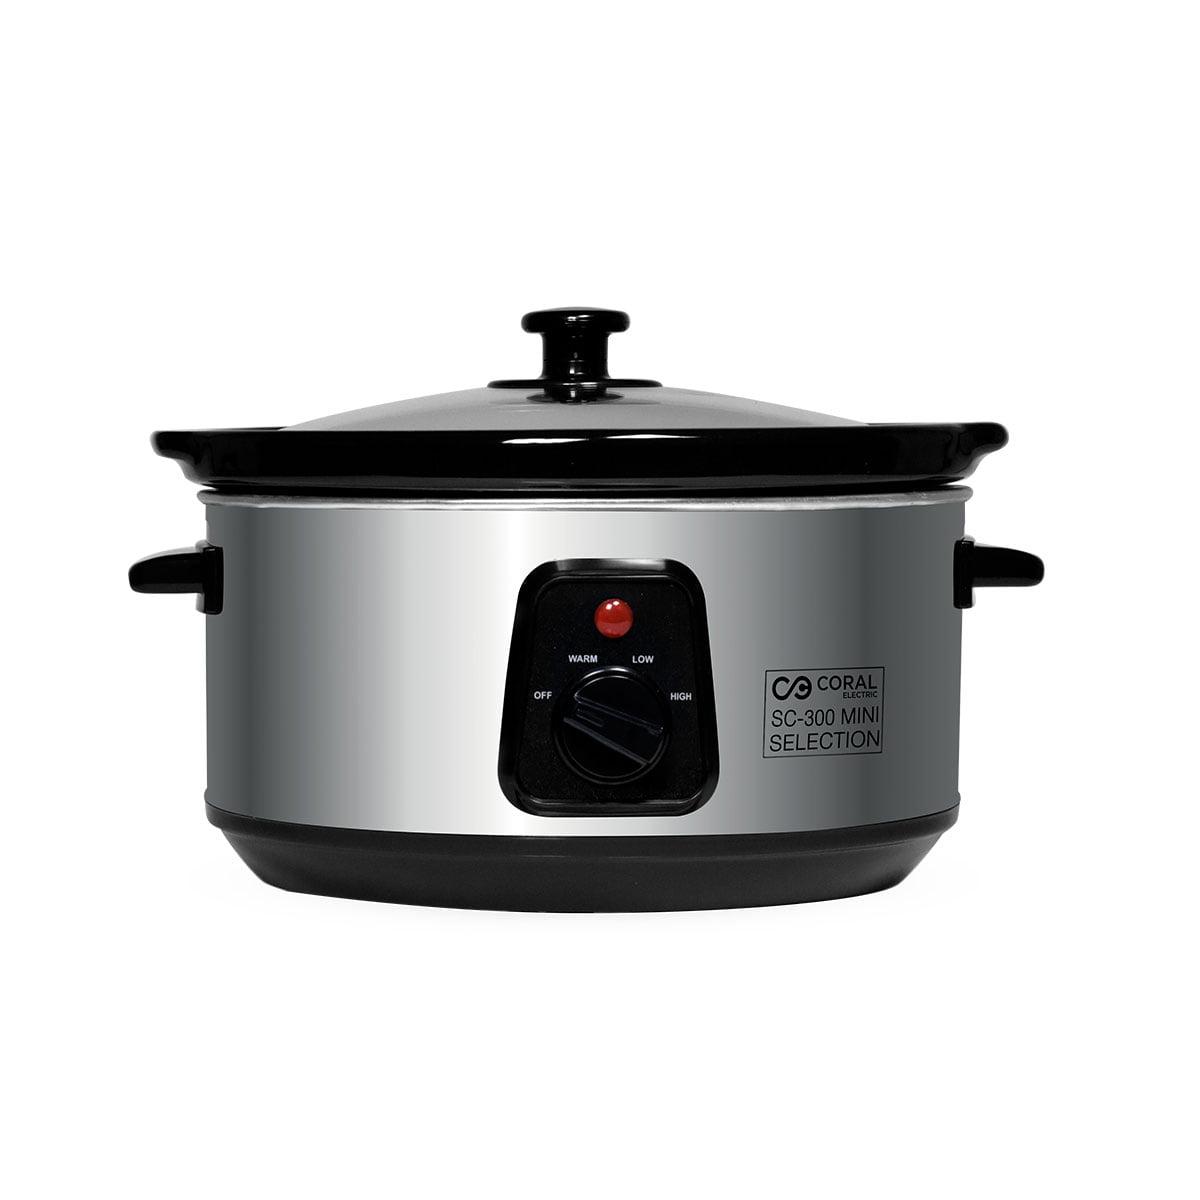 Aparat za sporo kuvanje 3,5 l - Mini Krčko SC-300 Selection